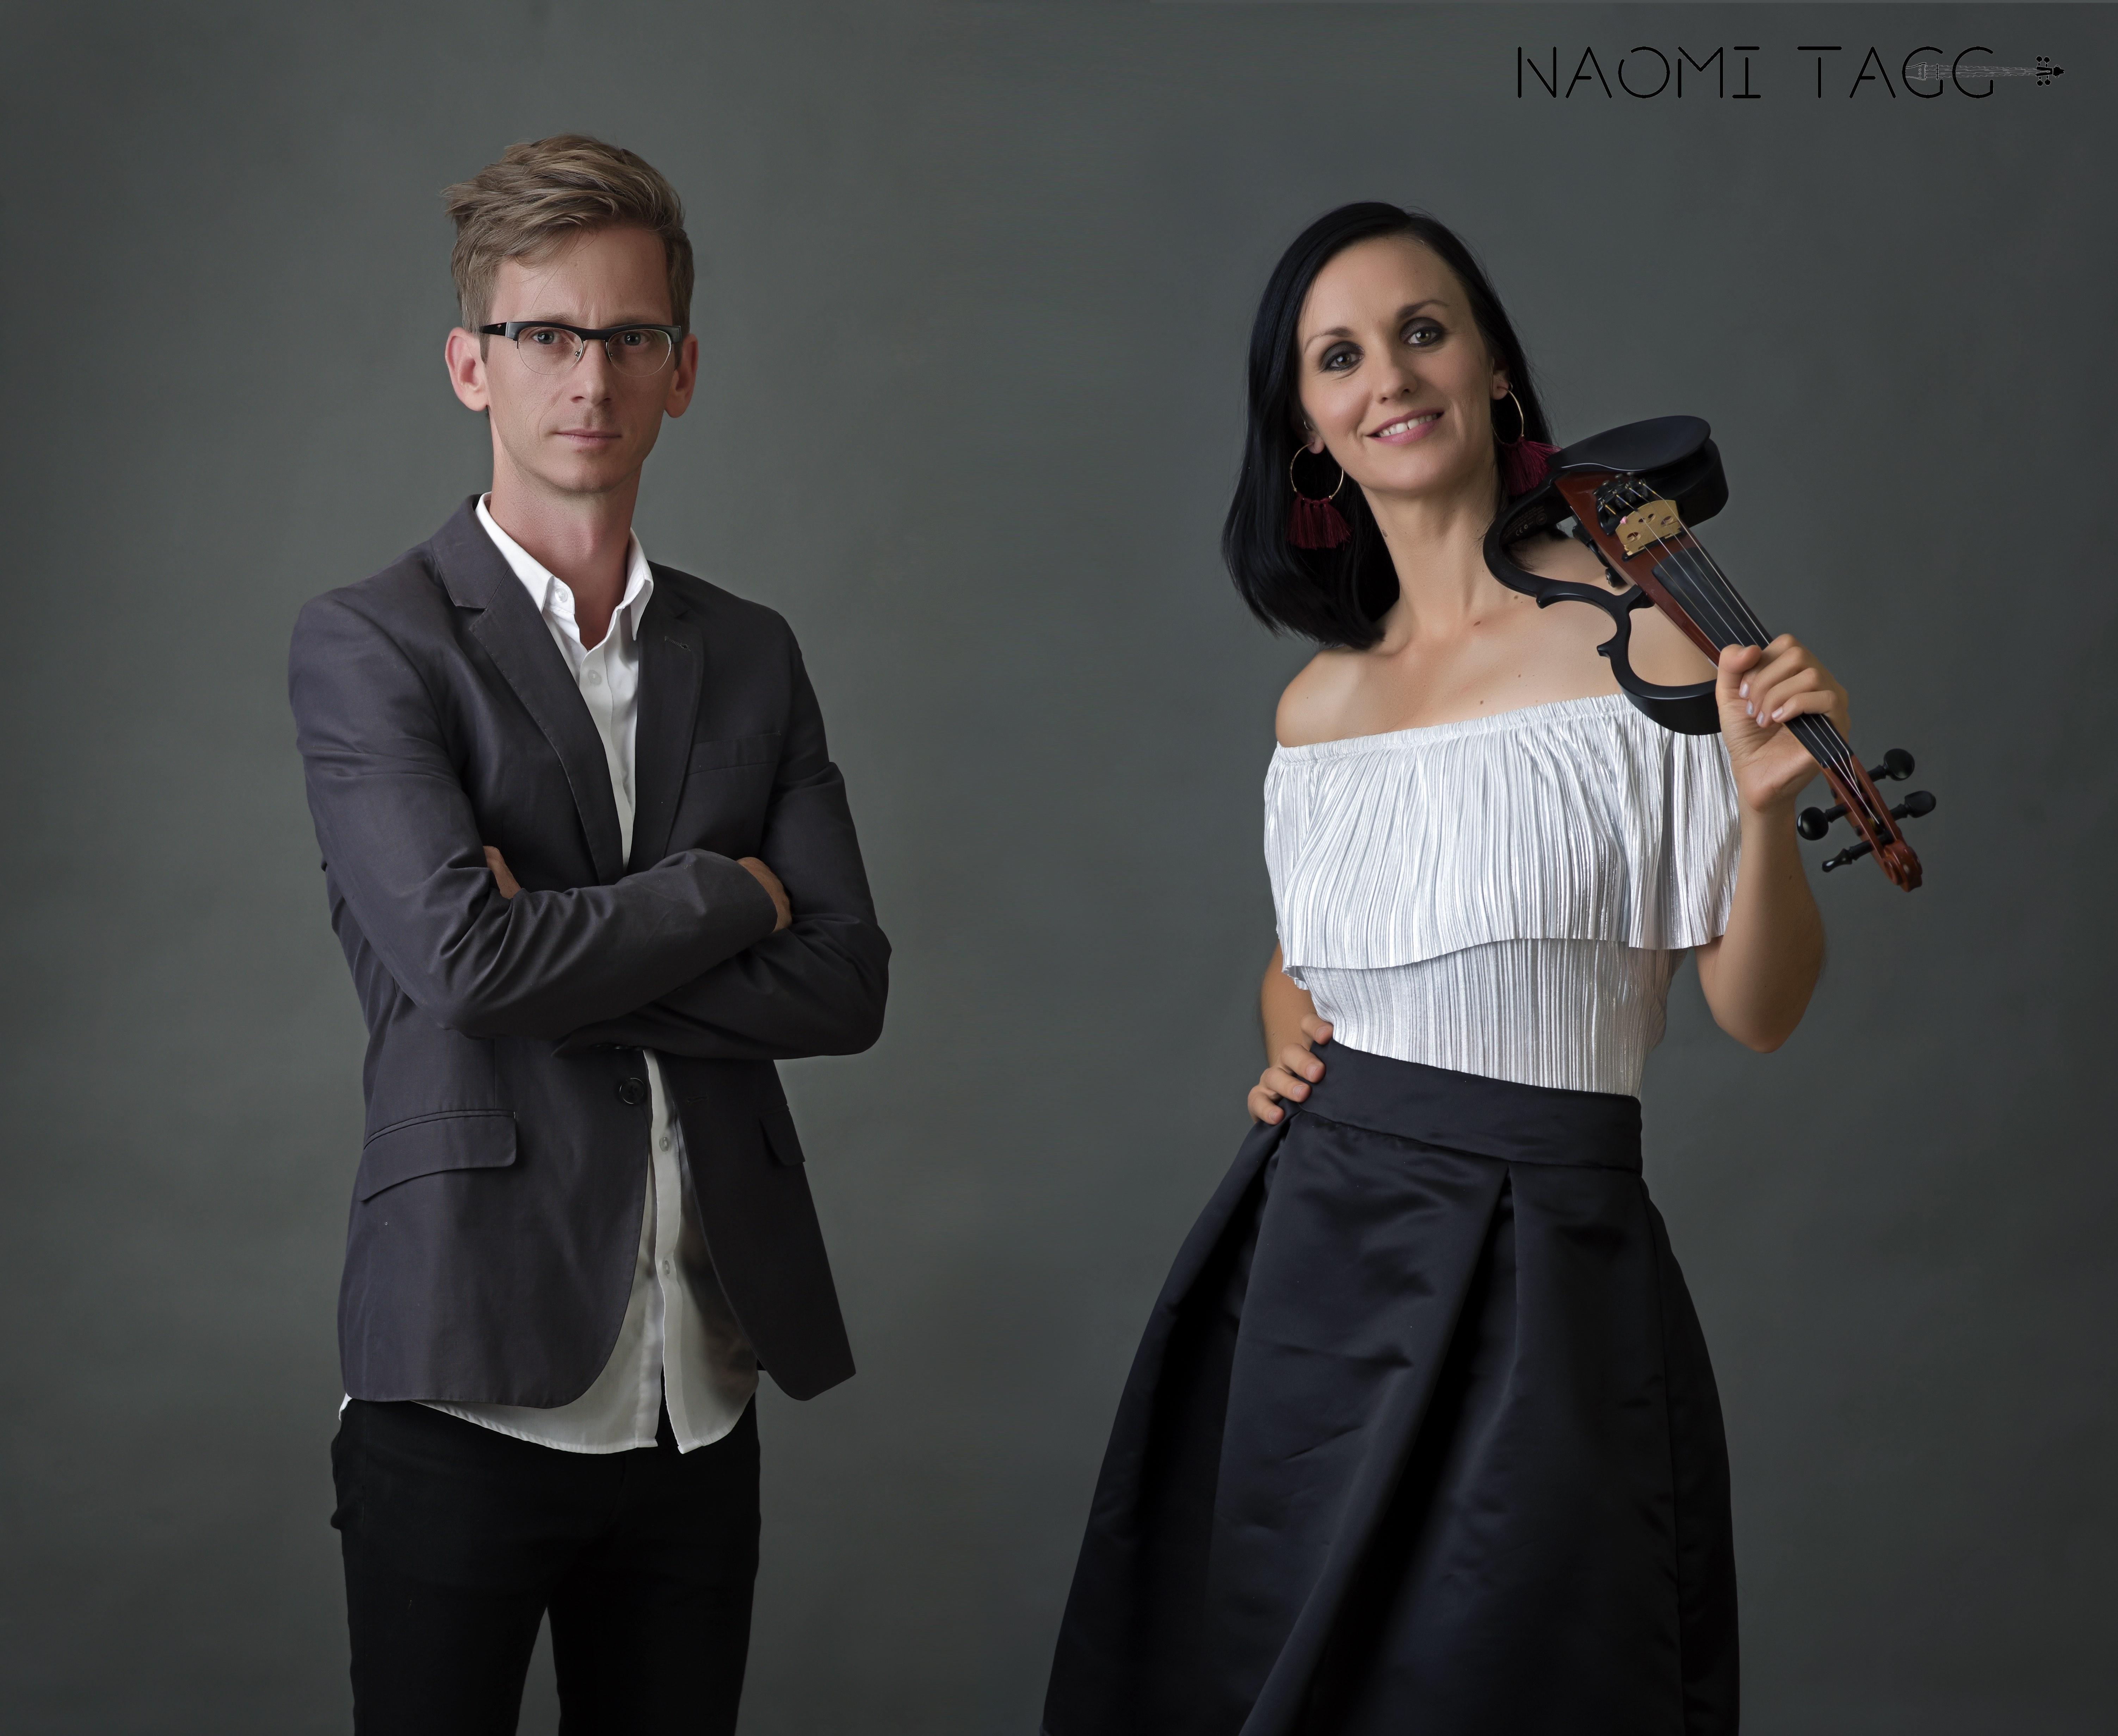 Tagg violin pop duo